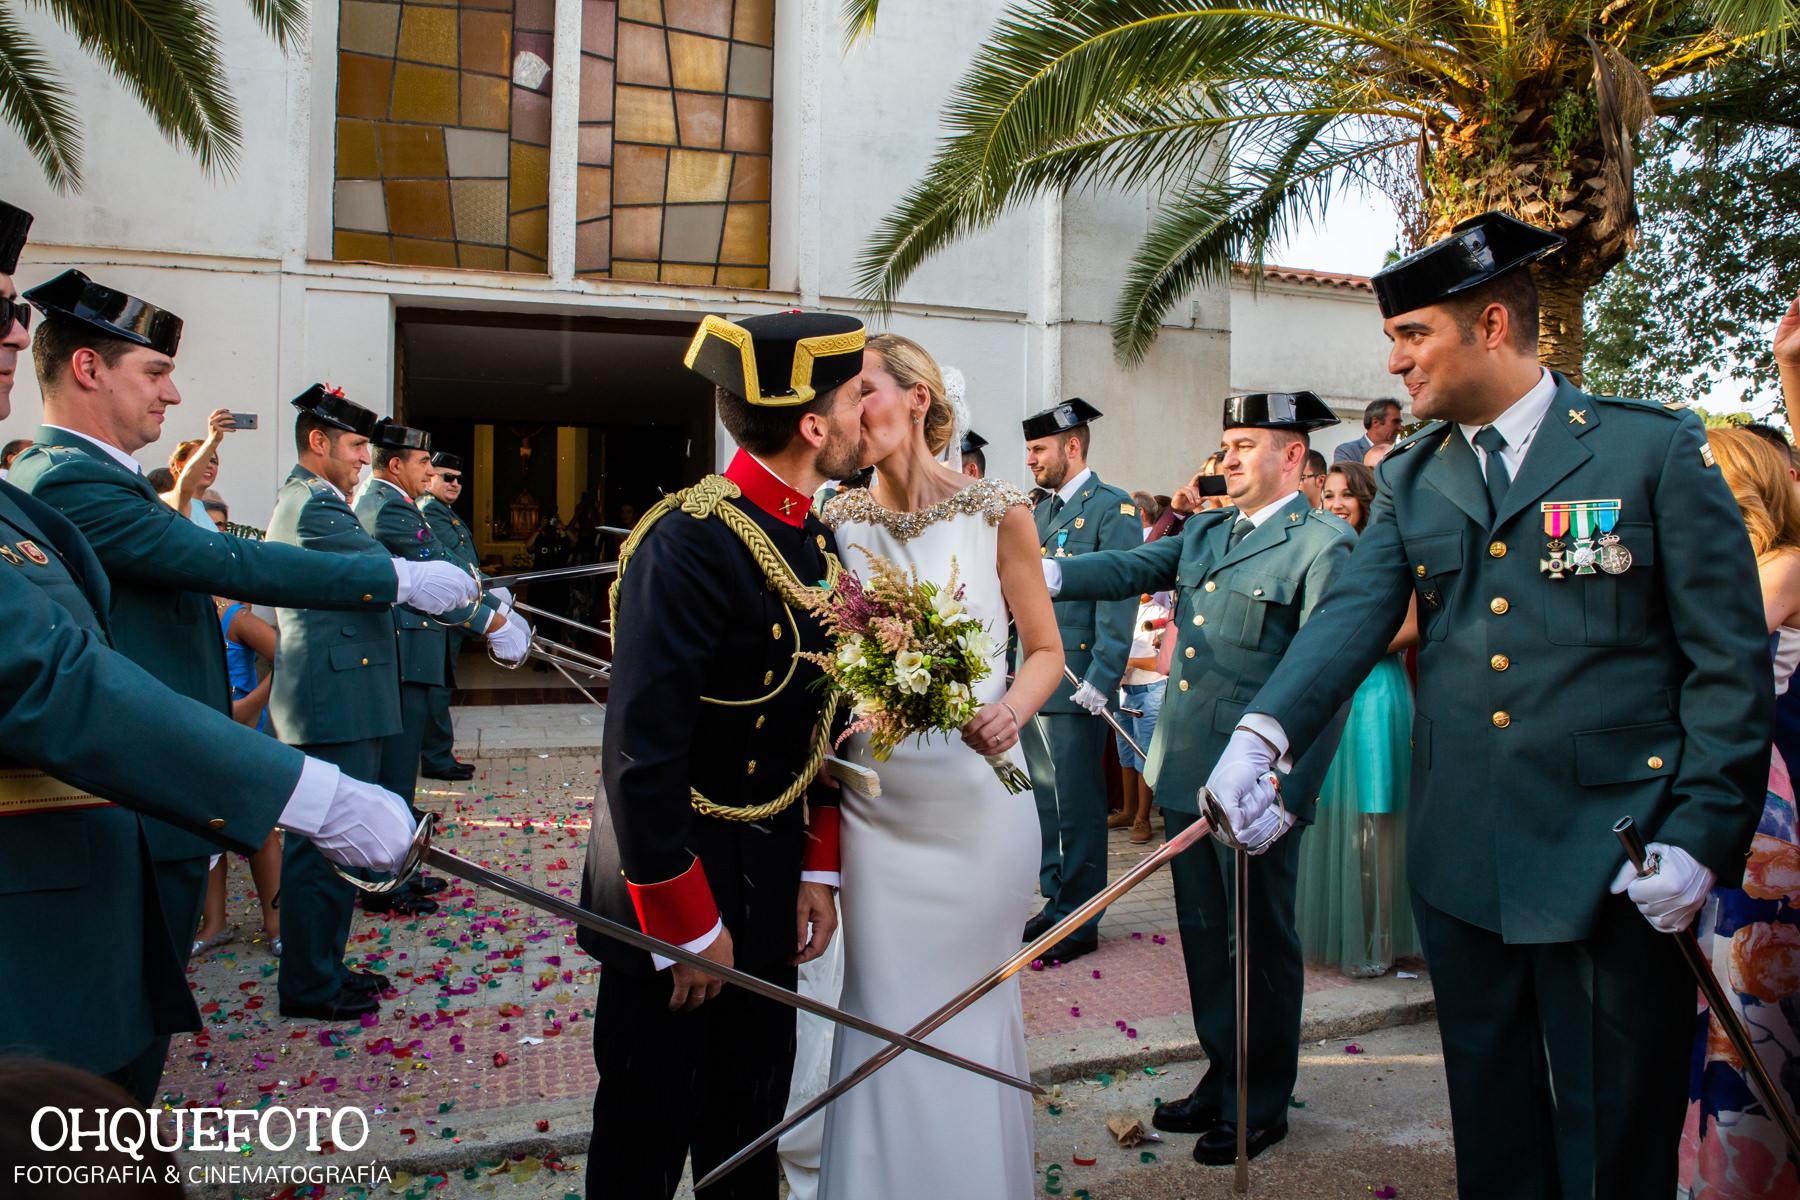 boda en la peraleda boda en cabeza del buey boda en capilla reportaje de bodas en almaden video de bodas en cordoba462 - Jose y Gema - Boda en Zarza Capilla y la Finca La Peraleda (Chillón)